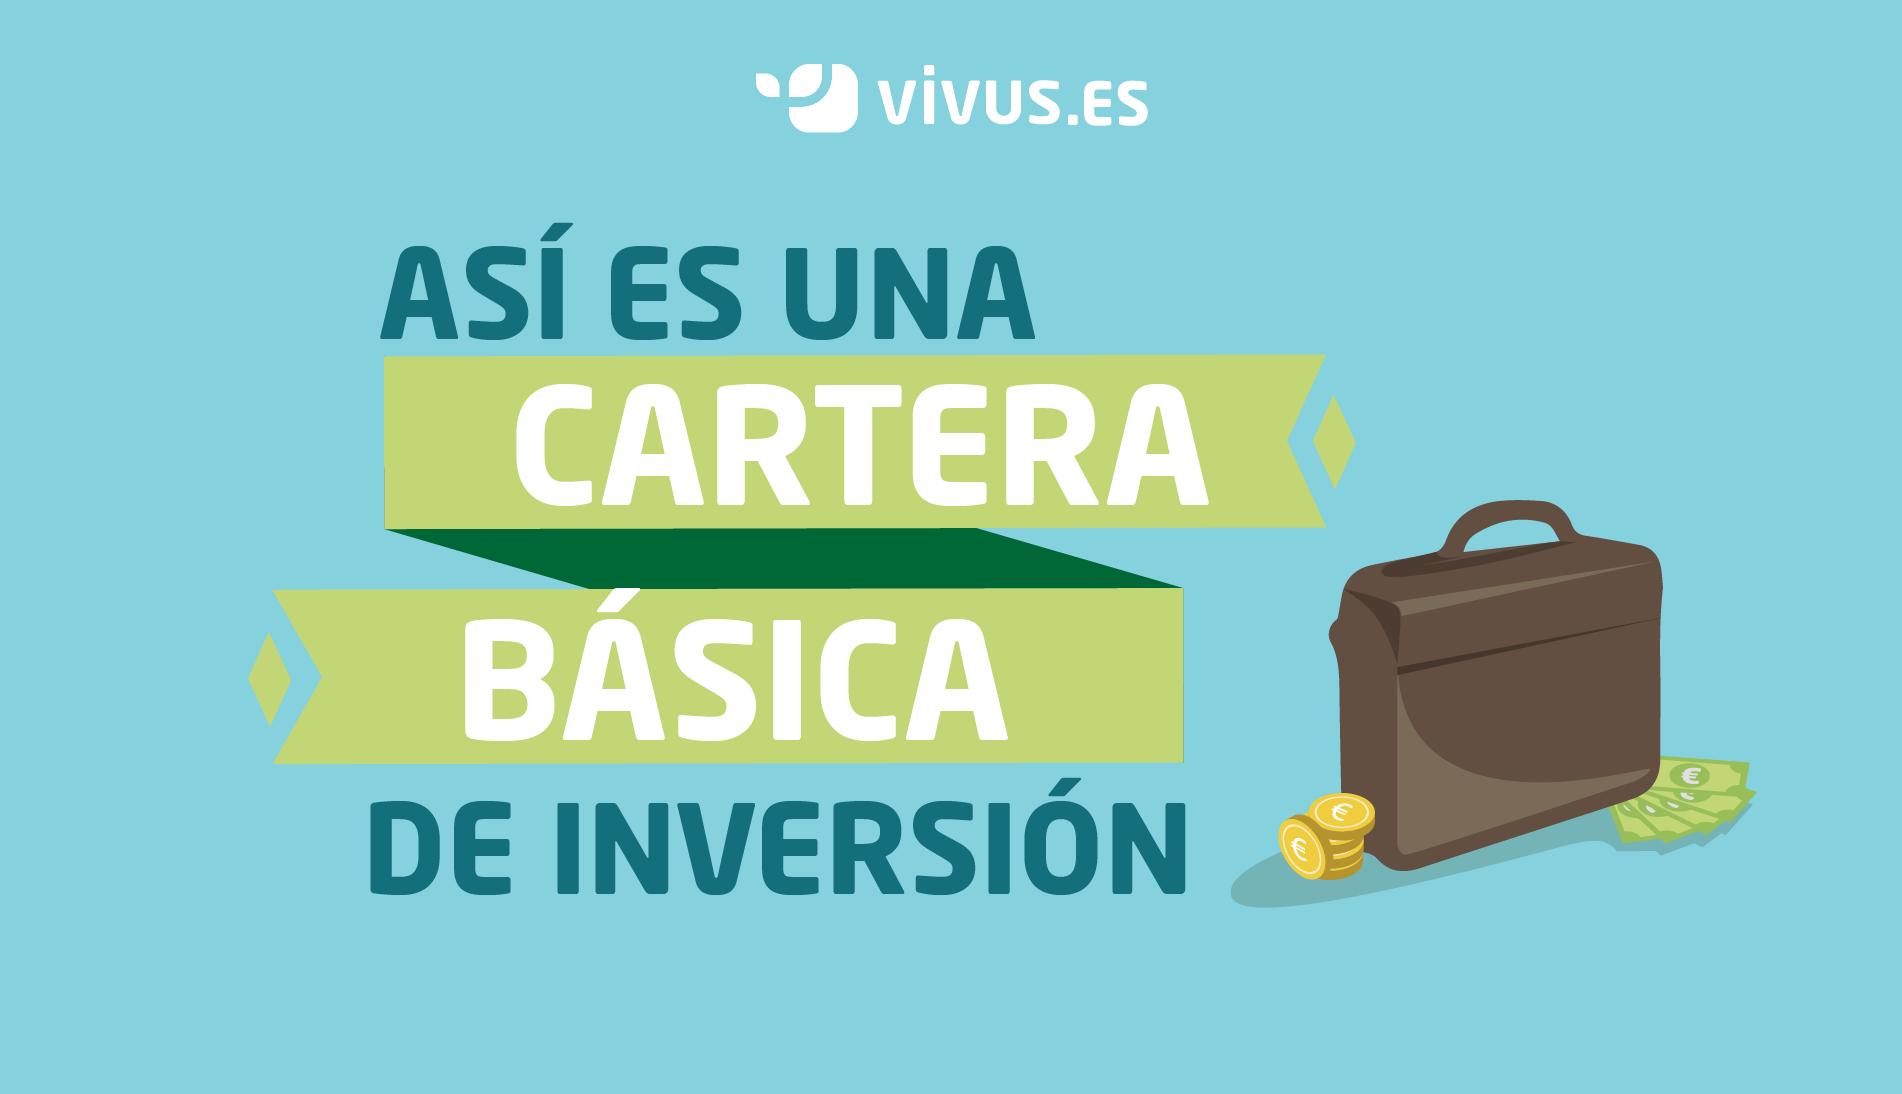 ¿Cuáles son los próductos más básicos de inversión? | Vivus.es